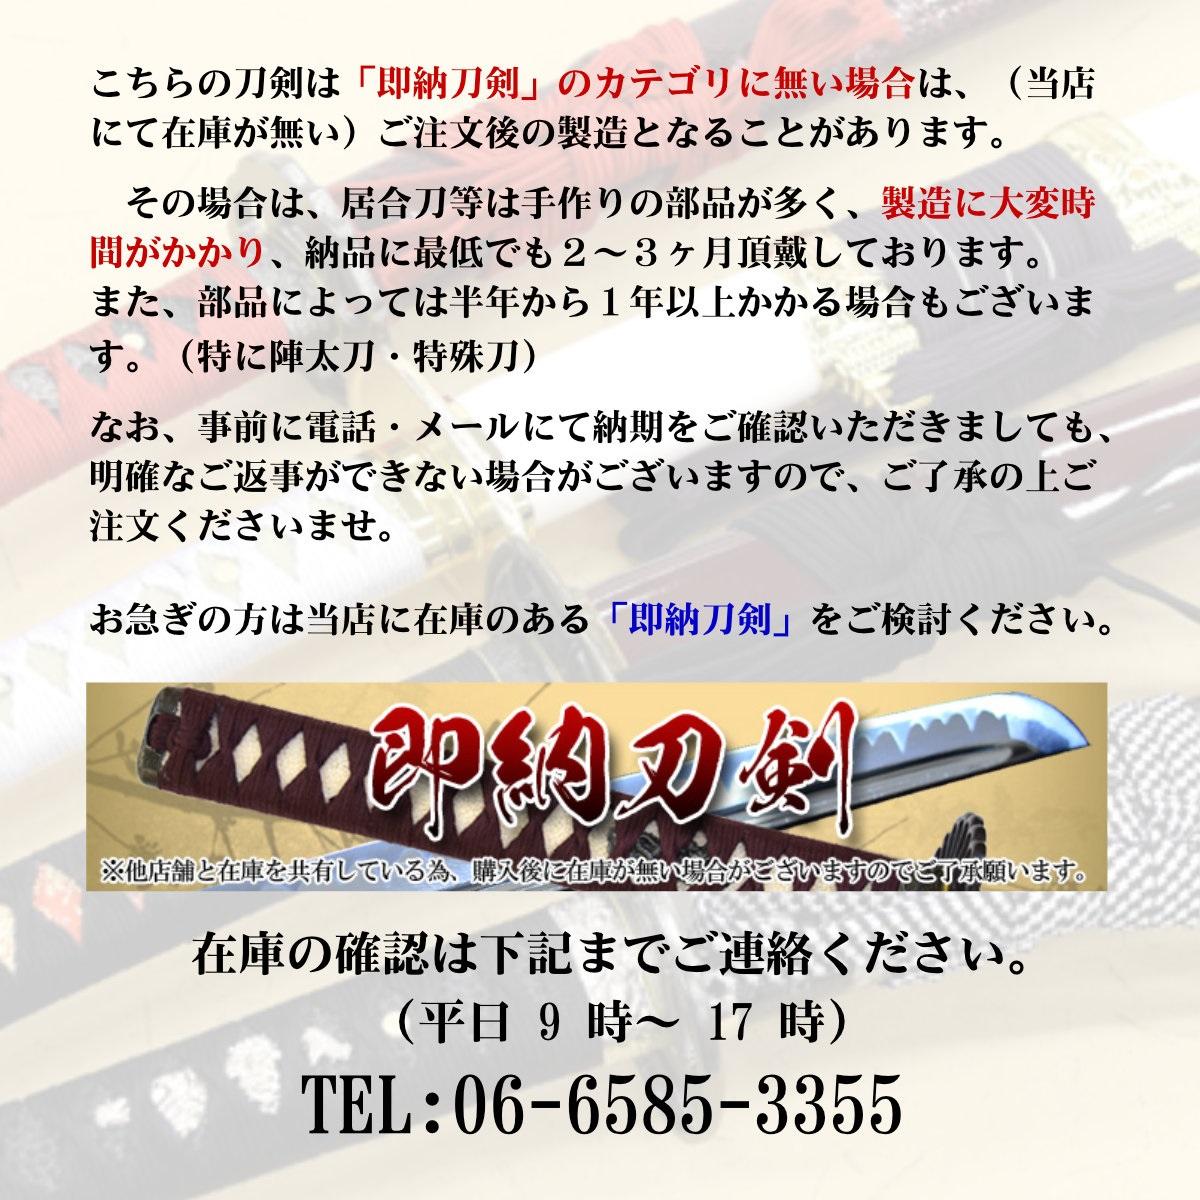 高級居合刀 新選組八番隊組長 藤堂平助拵え 上総介兼重(刀袋付き)